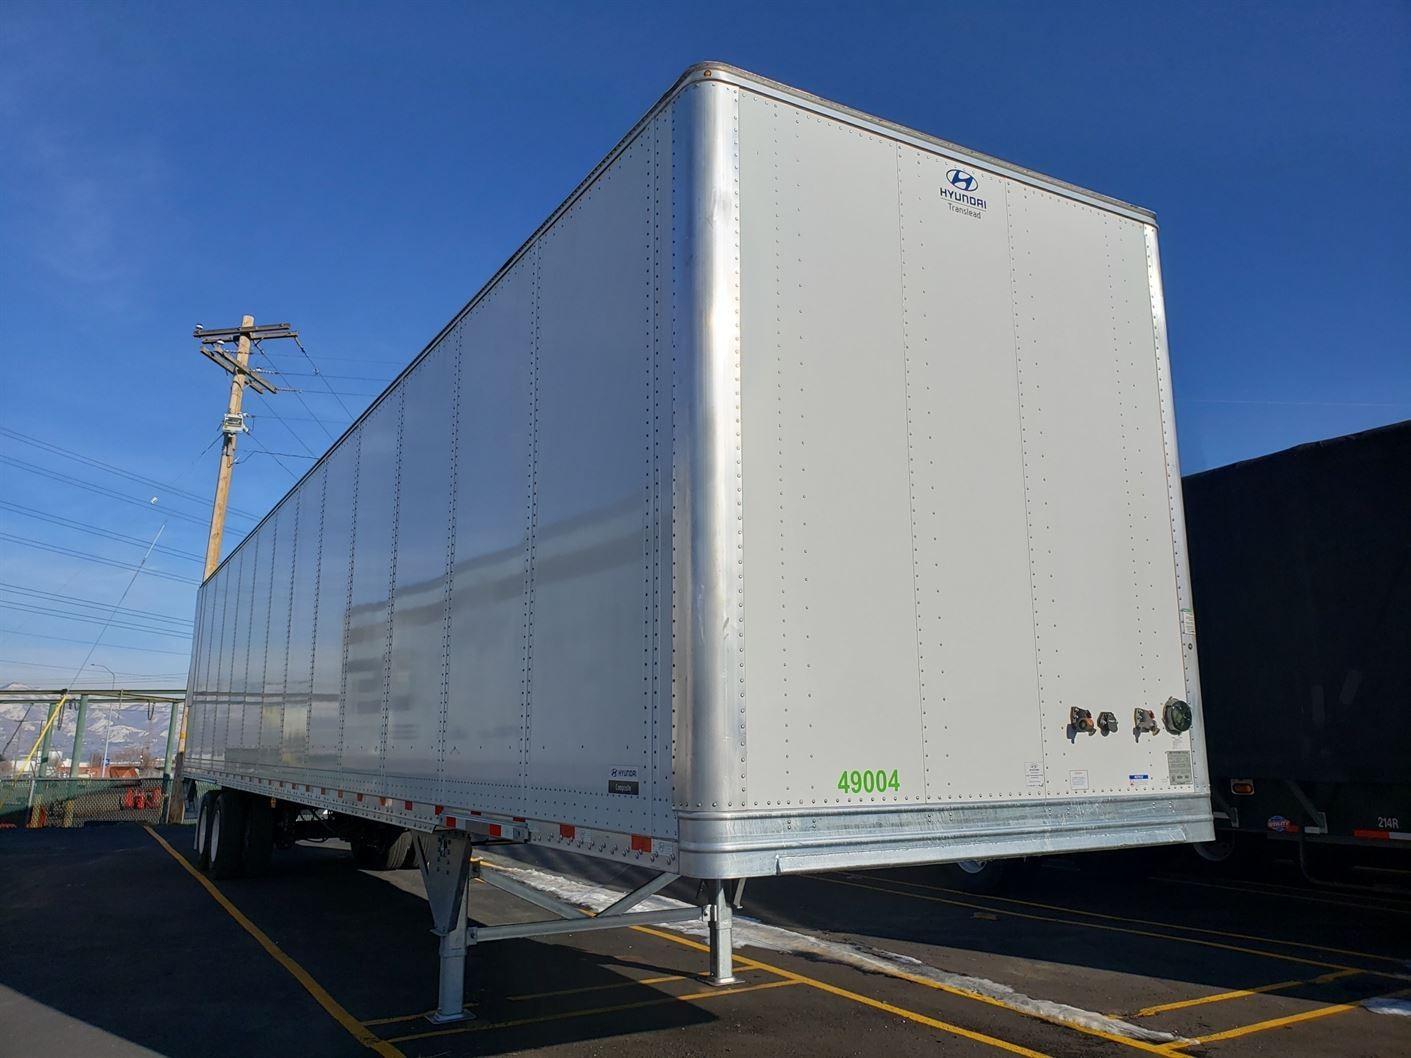 New, 2022, Hyundai, Dry Van, Heavy Equipment